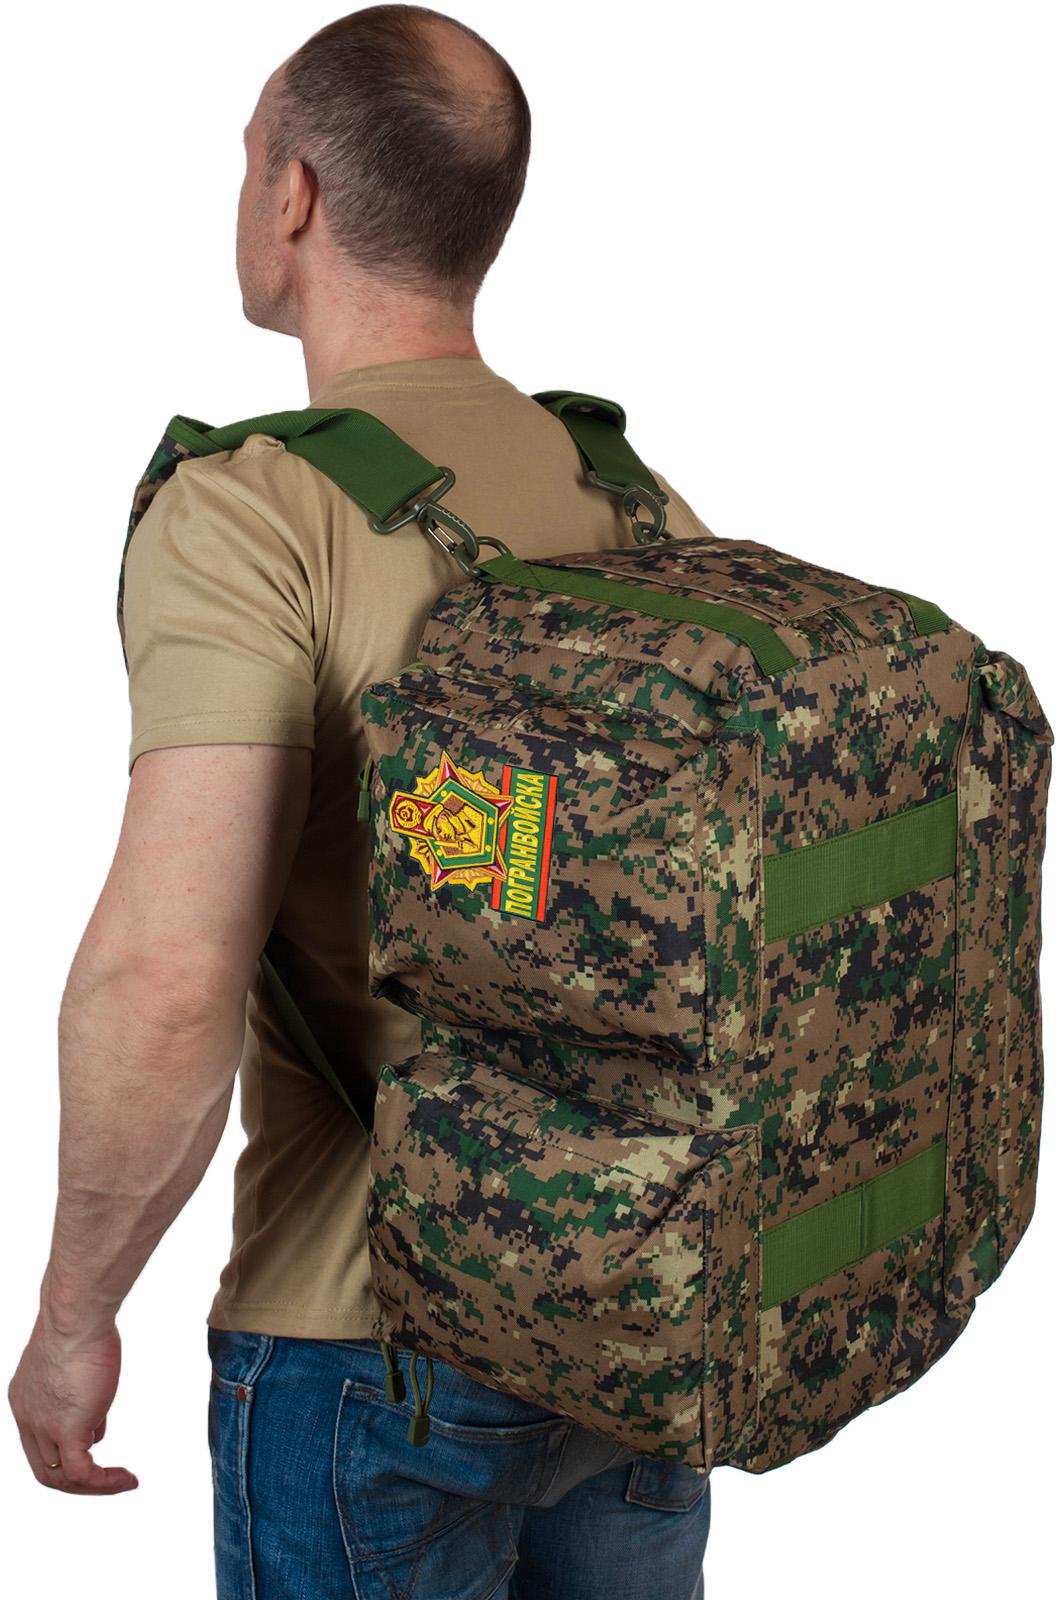 Купить тактическую дорожную сумку-баул с нашивкой Погранвойск оптом выгодно